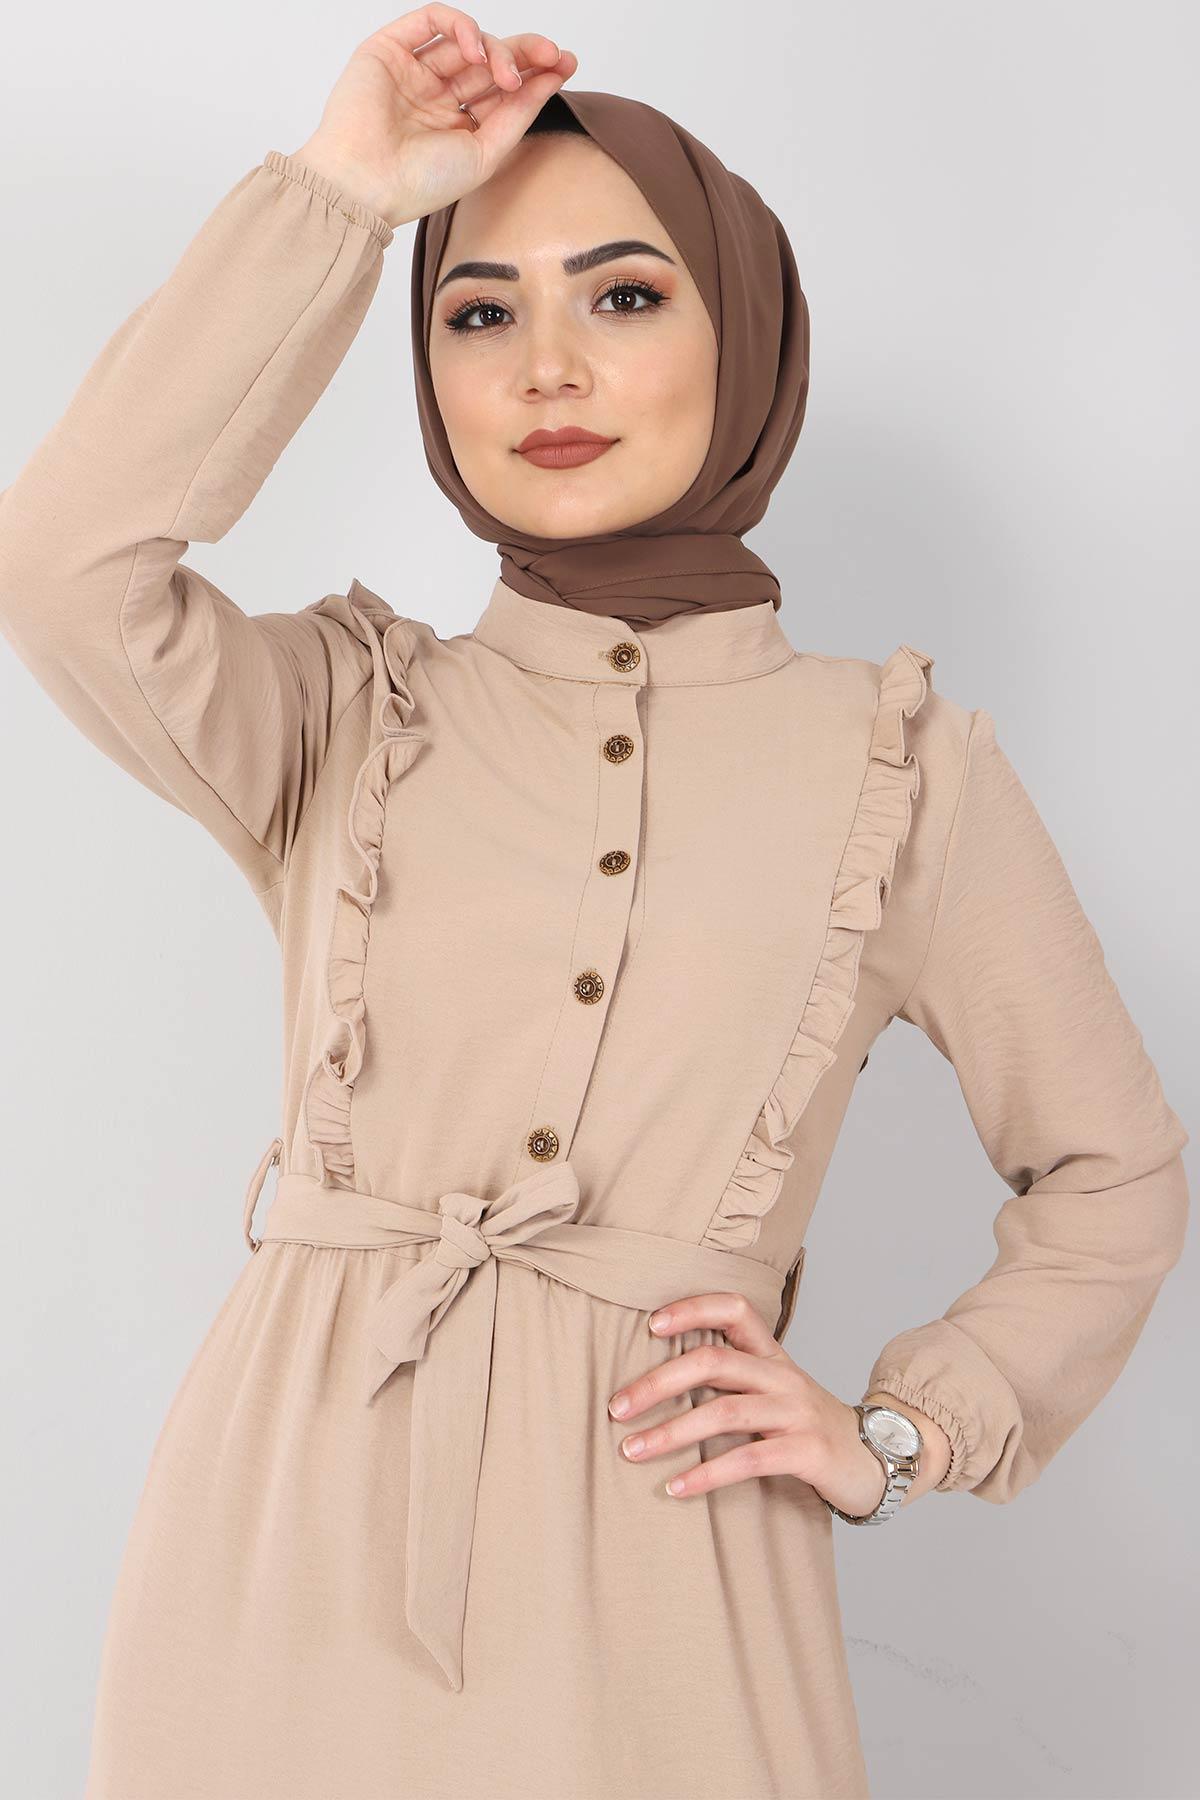 Önü Fırfırlı Ayrobin Elbise TSD11011 Bej